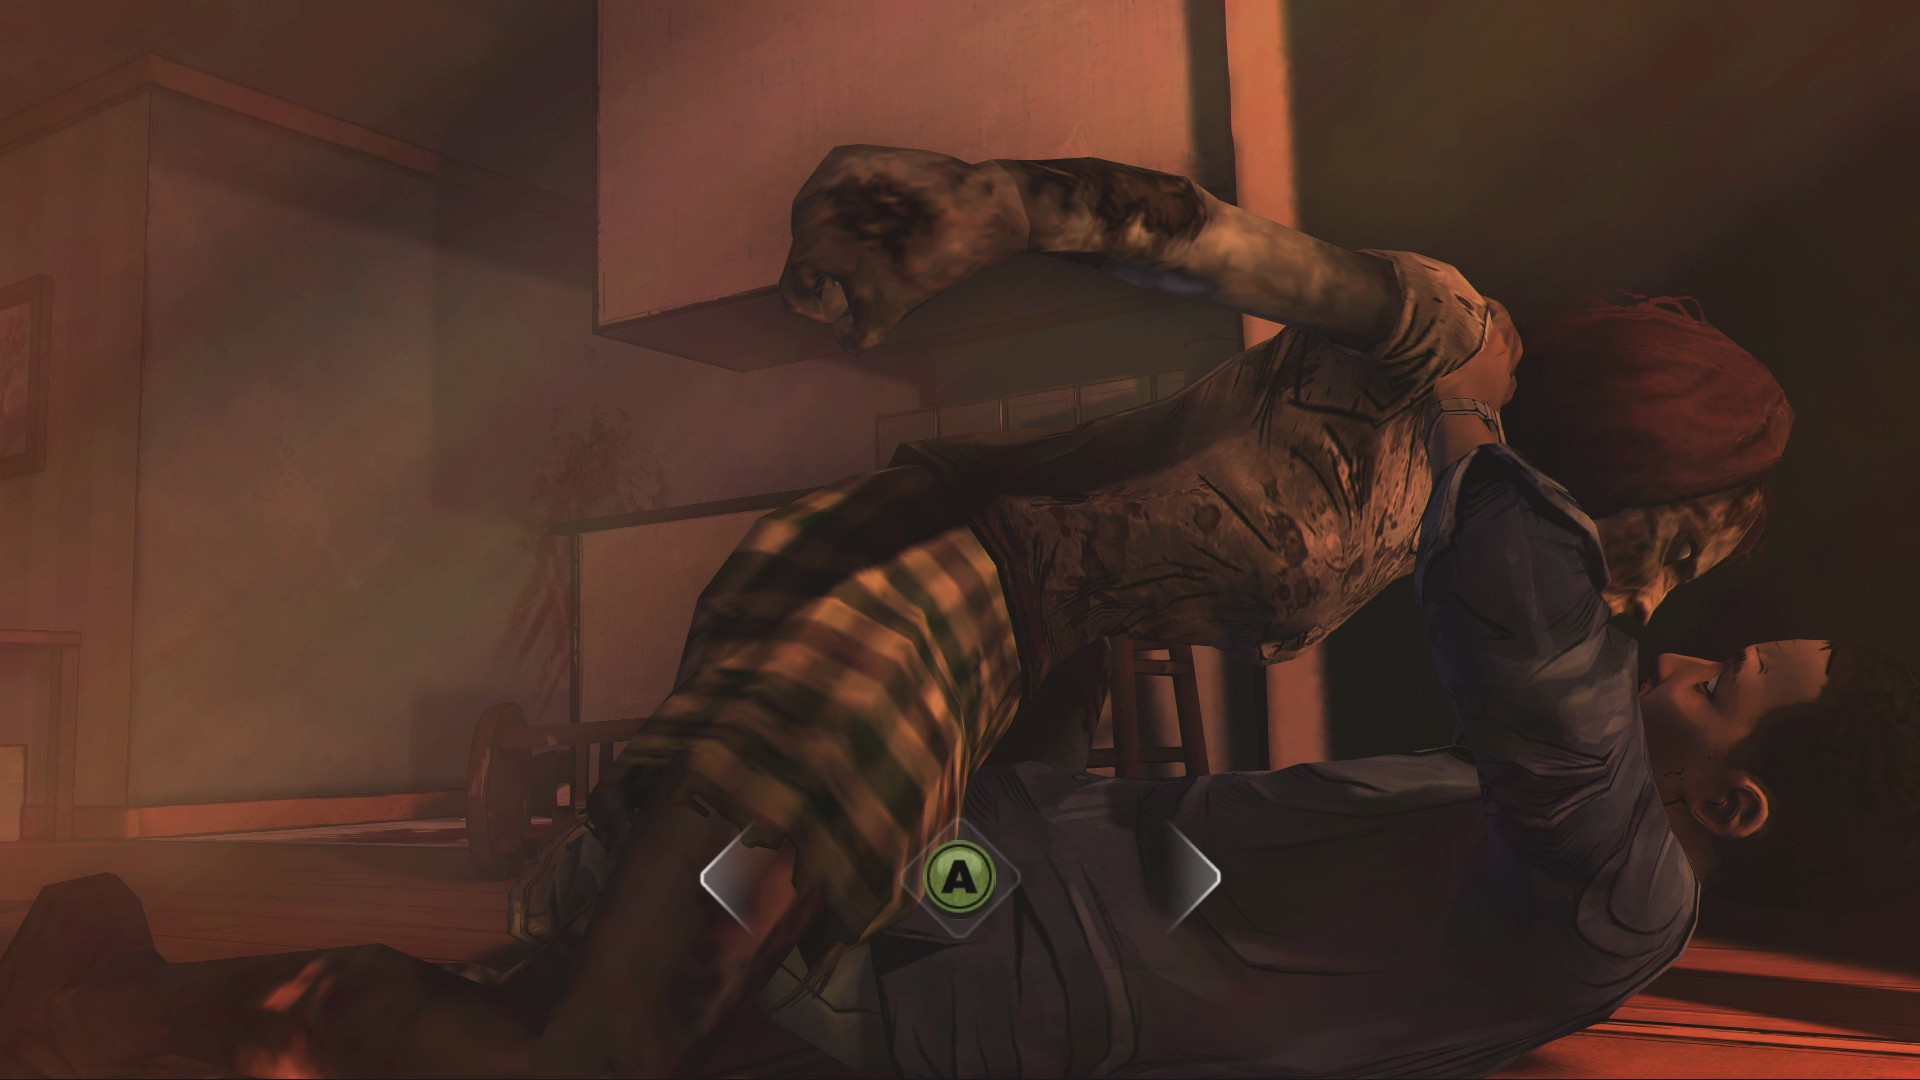 Test-Video The Walking Dead: Gefühlschaos nach der Zombieapokalypse - Lee Everett wird von einer ehemaligen Babysitterin bedroht.